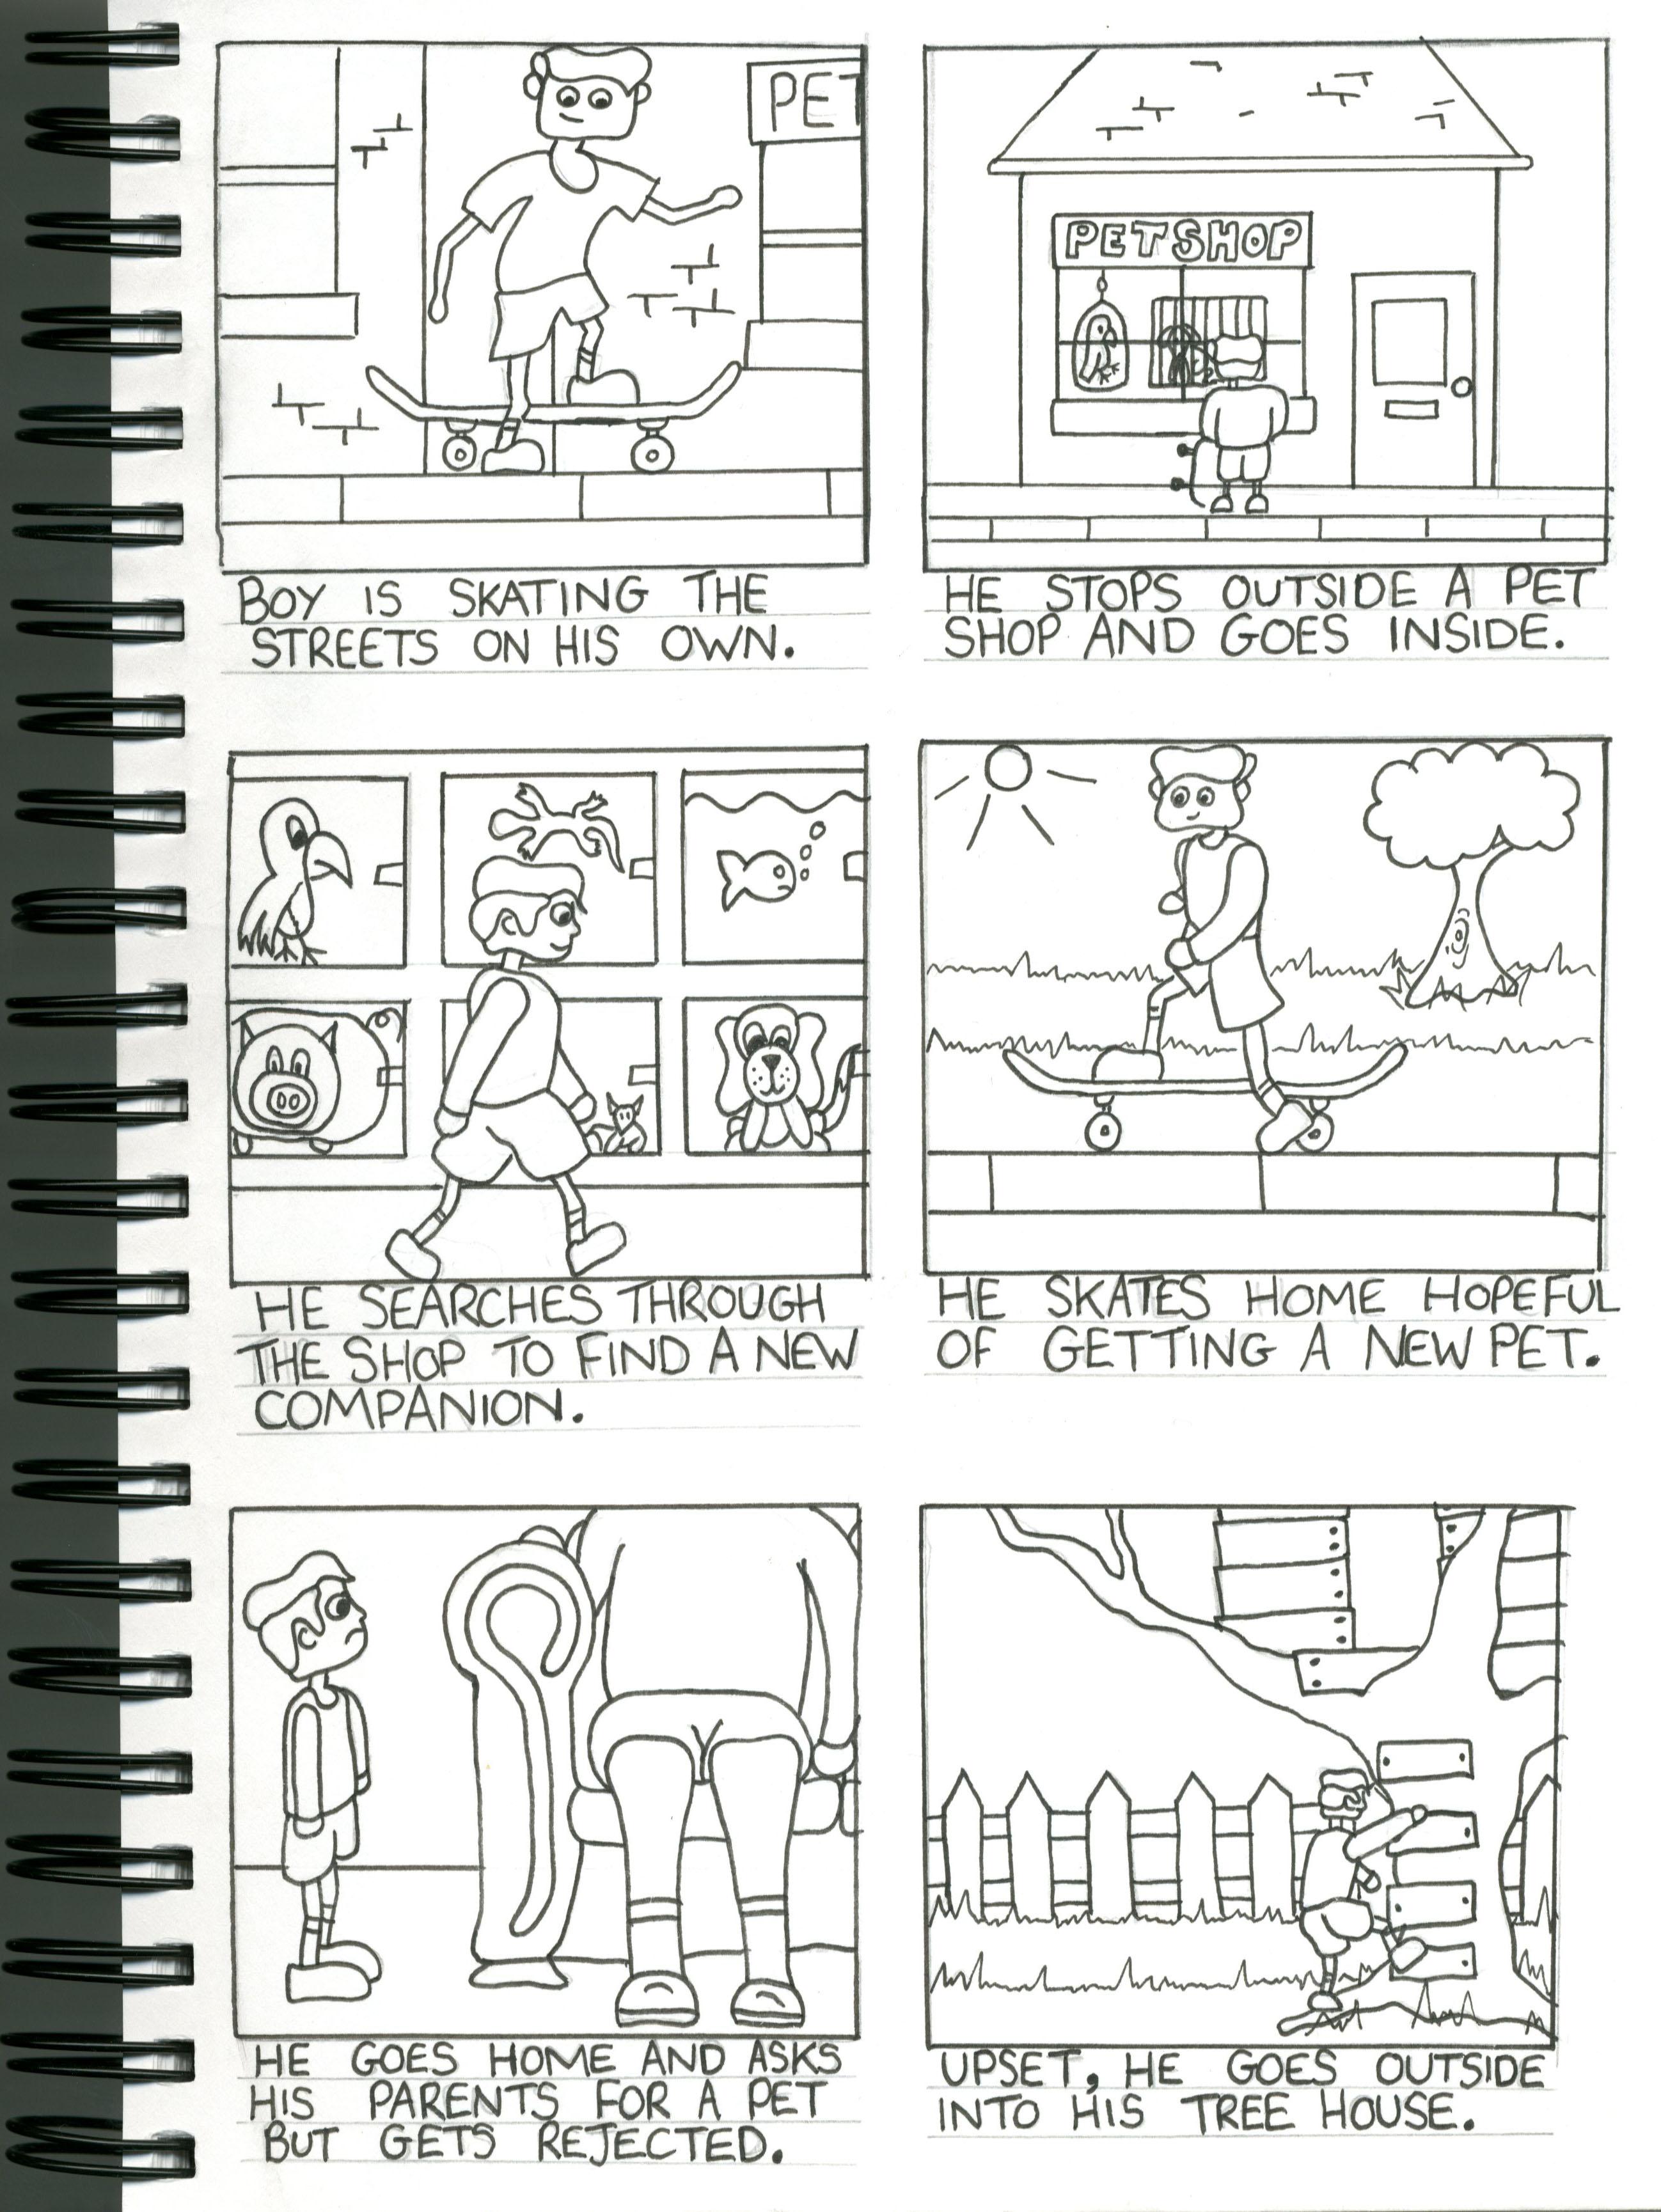 story-board-1